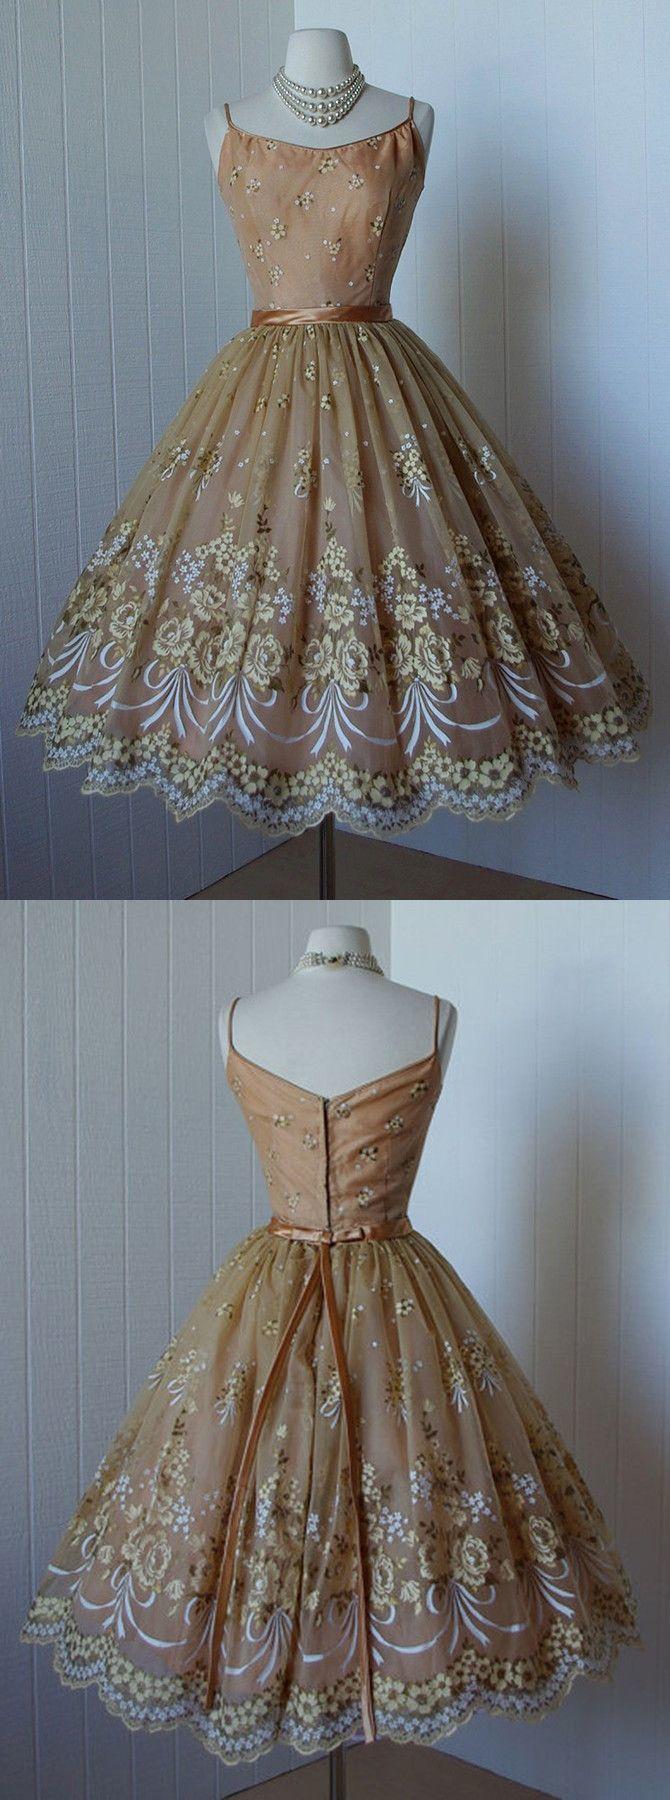 Spaghetti Straps Homecoming Dresses,Sleeveless Knee Length Short Prom Dresses